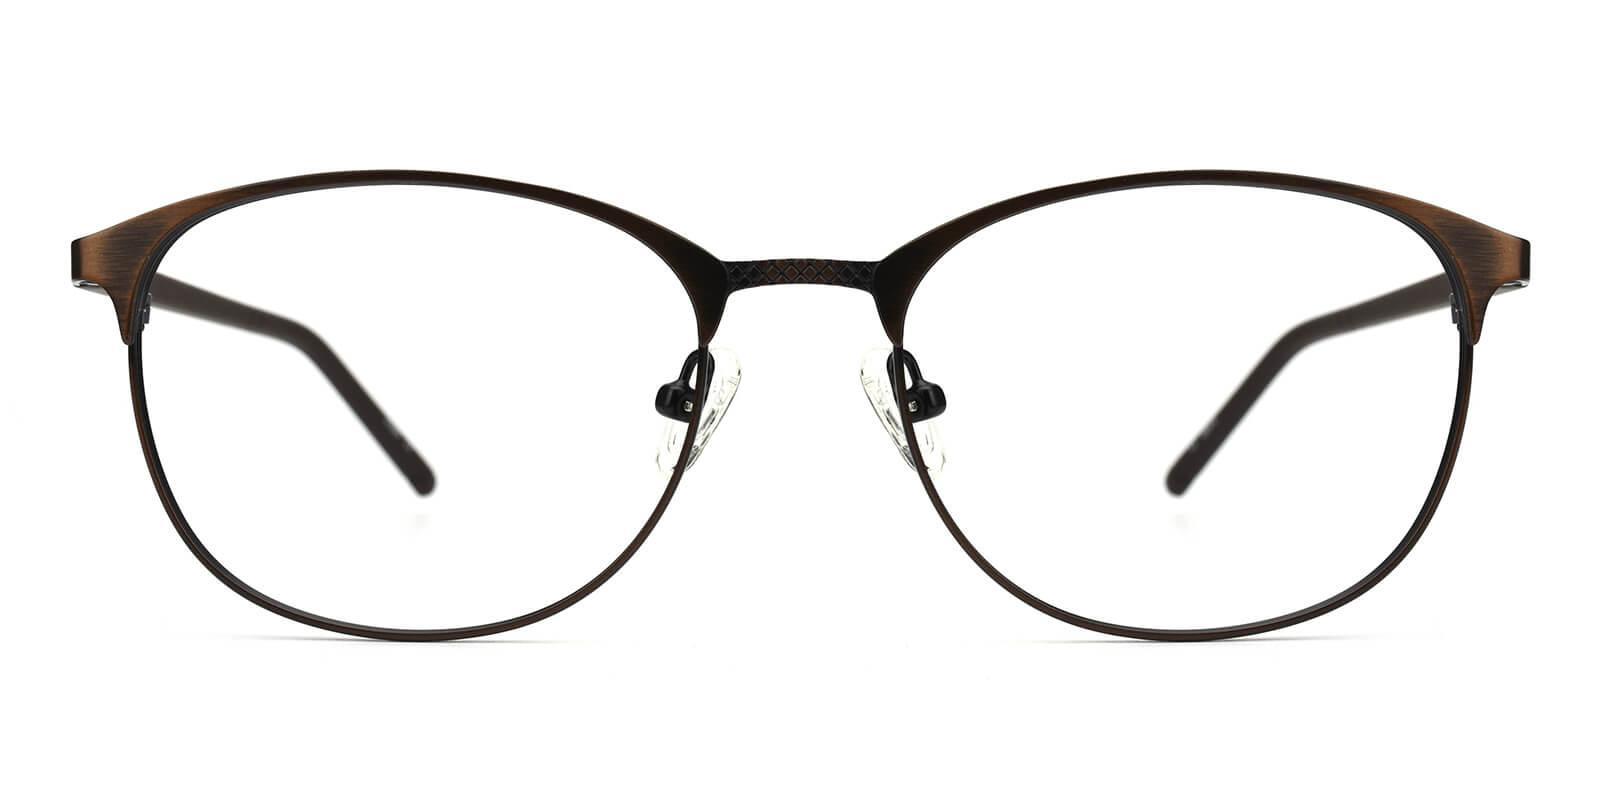 Gorge-Brown-Round-Metal-Eyeglasses-detail